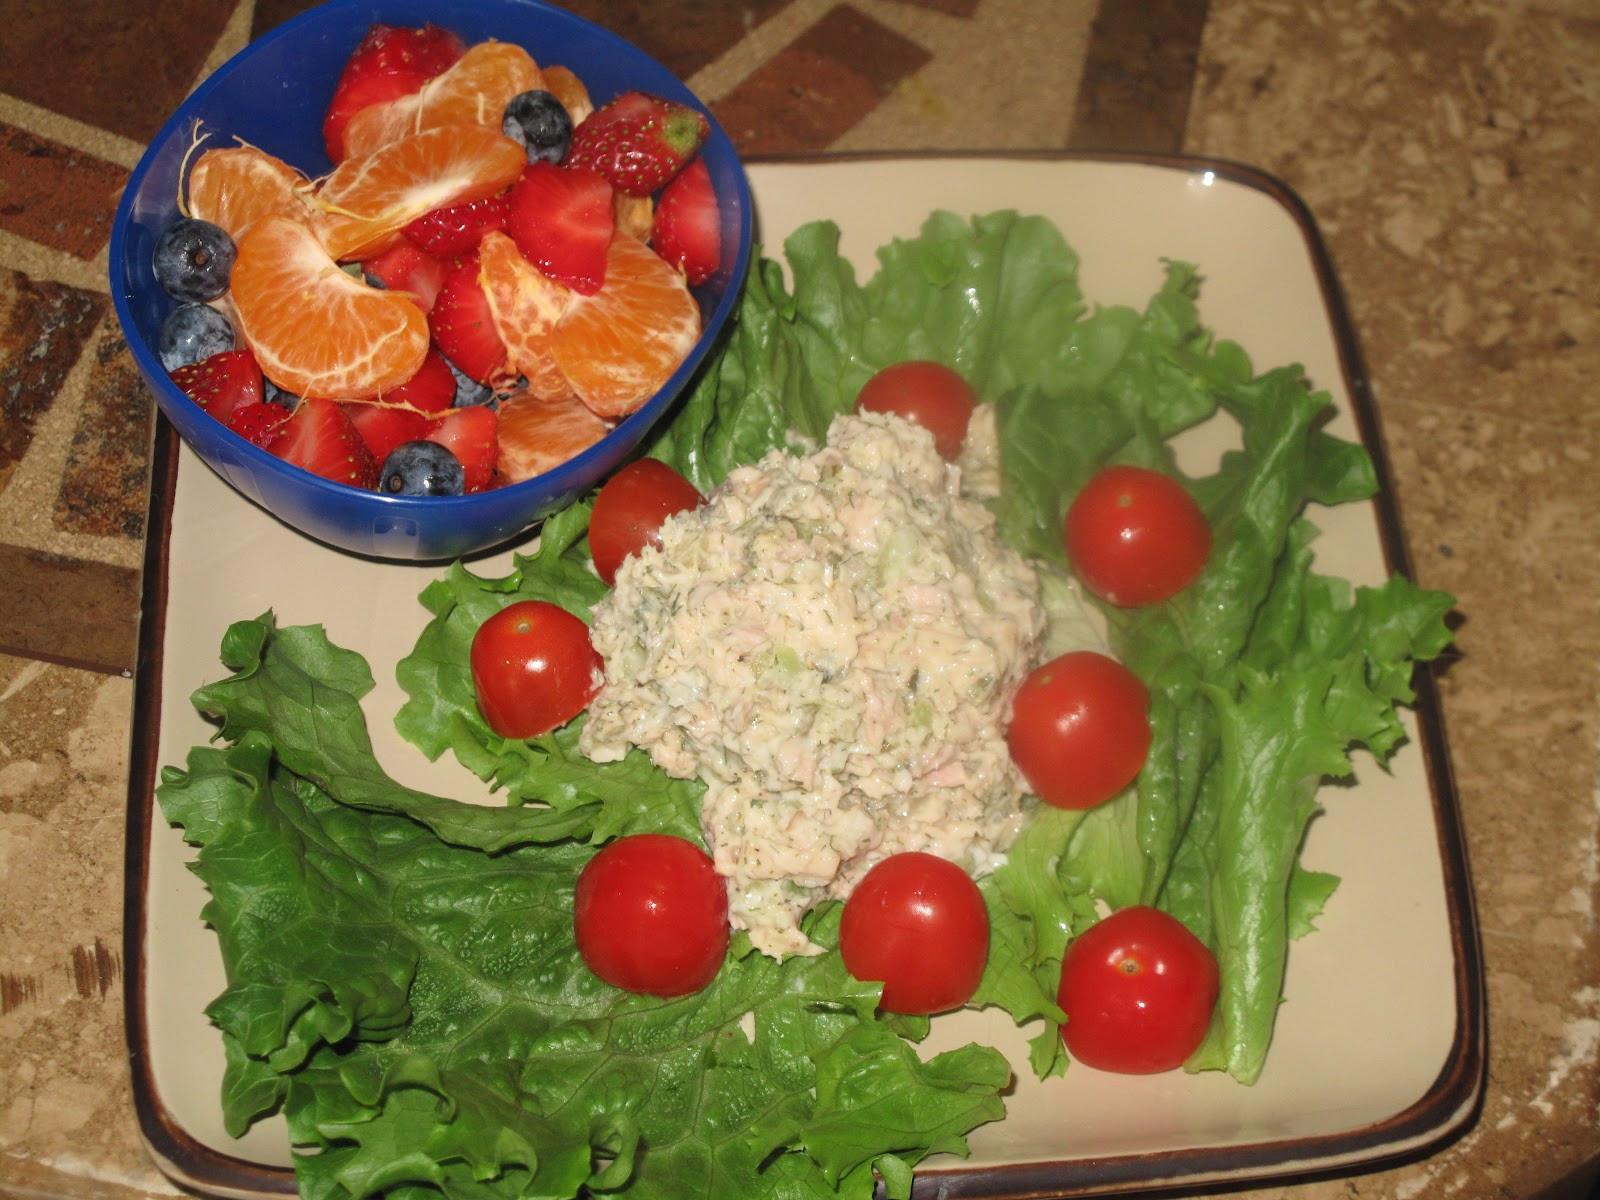 Low Fat Tuna Recipes  BJ Brinker s Home Cooking Low Fat Tuna Fish Salad